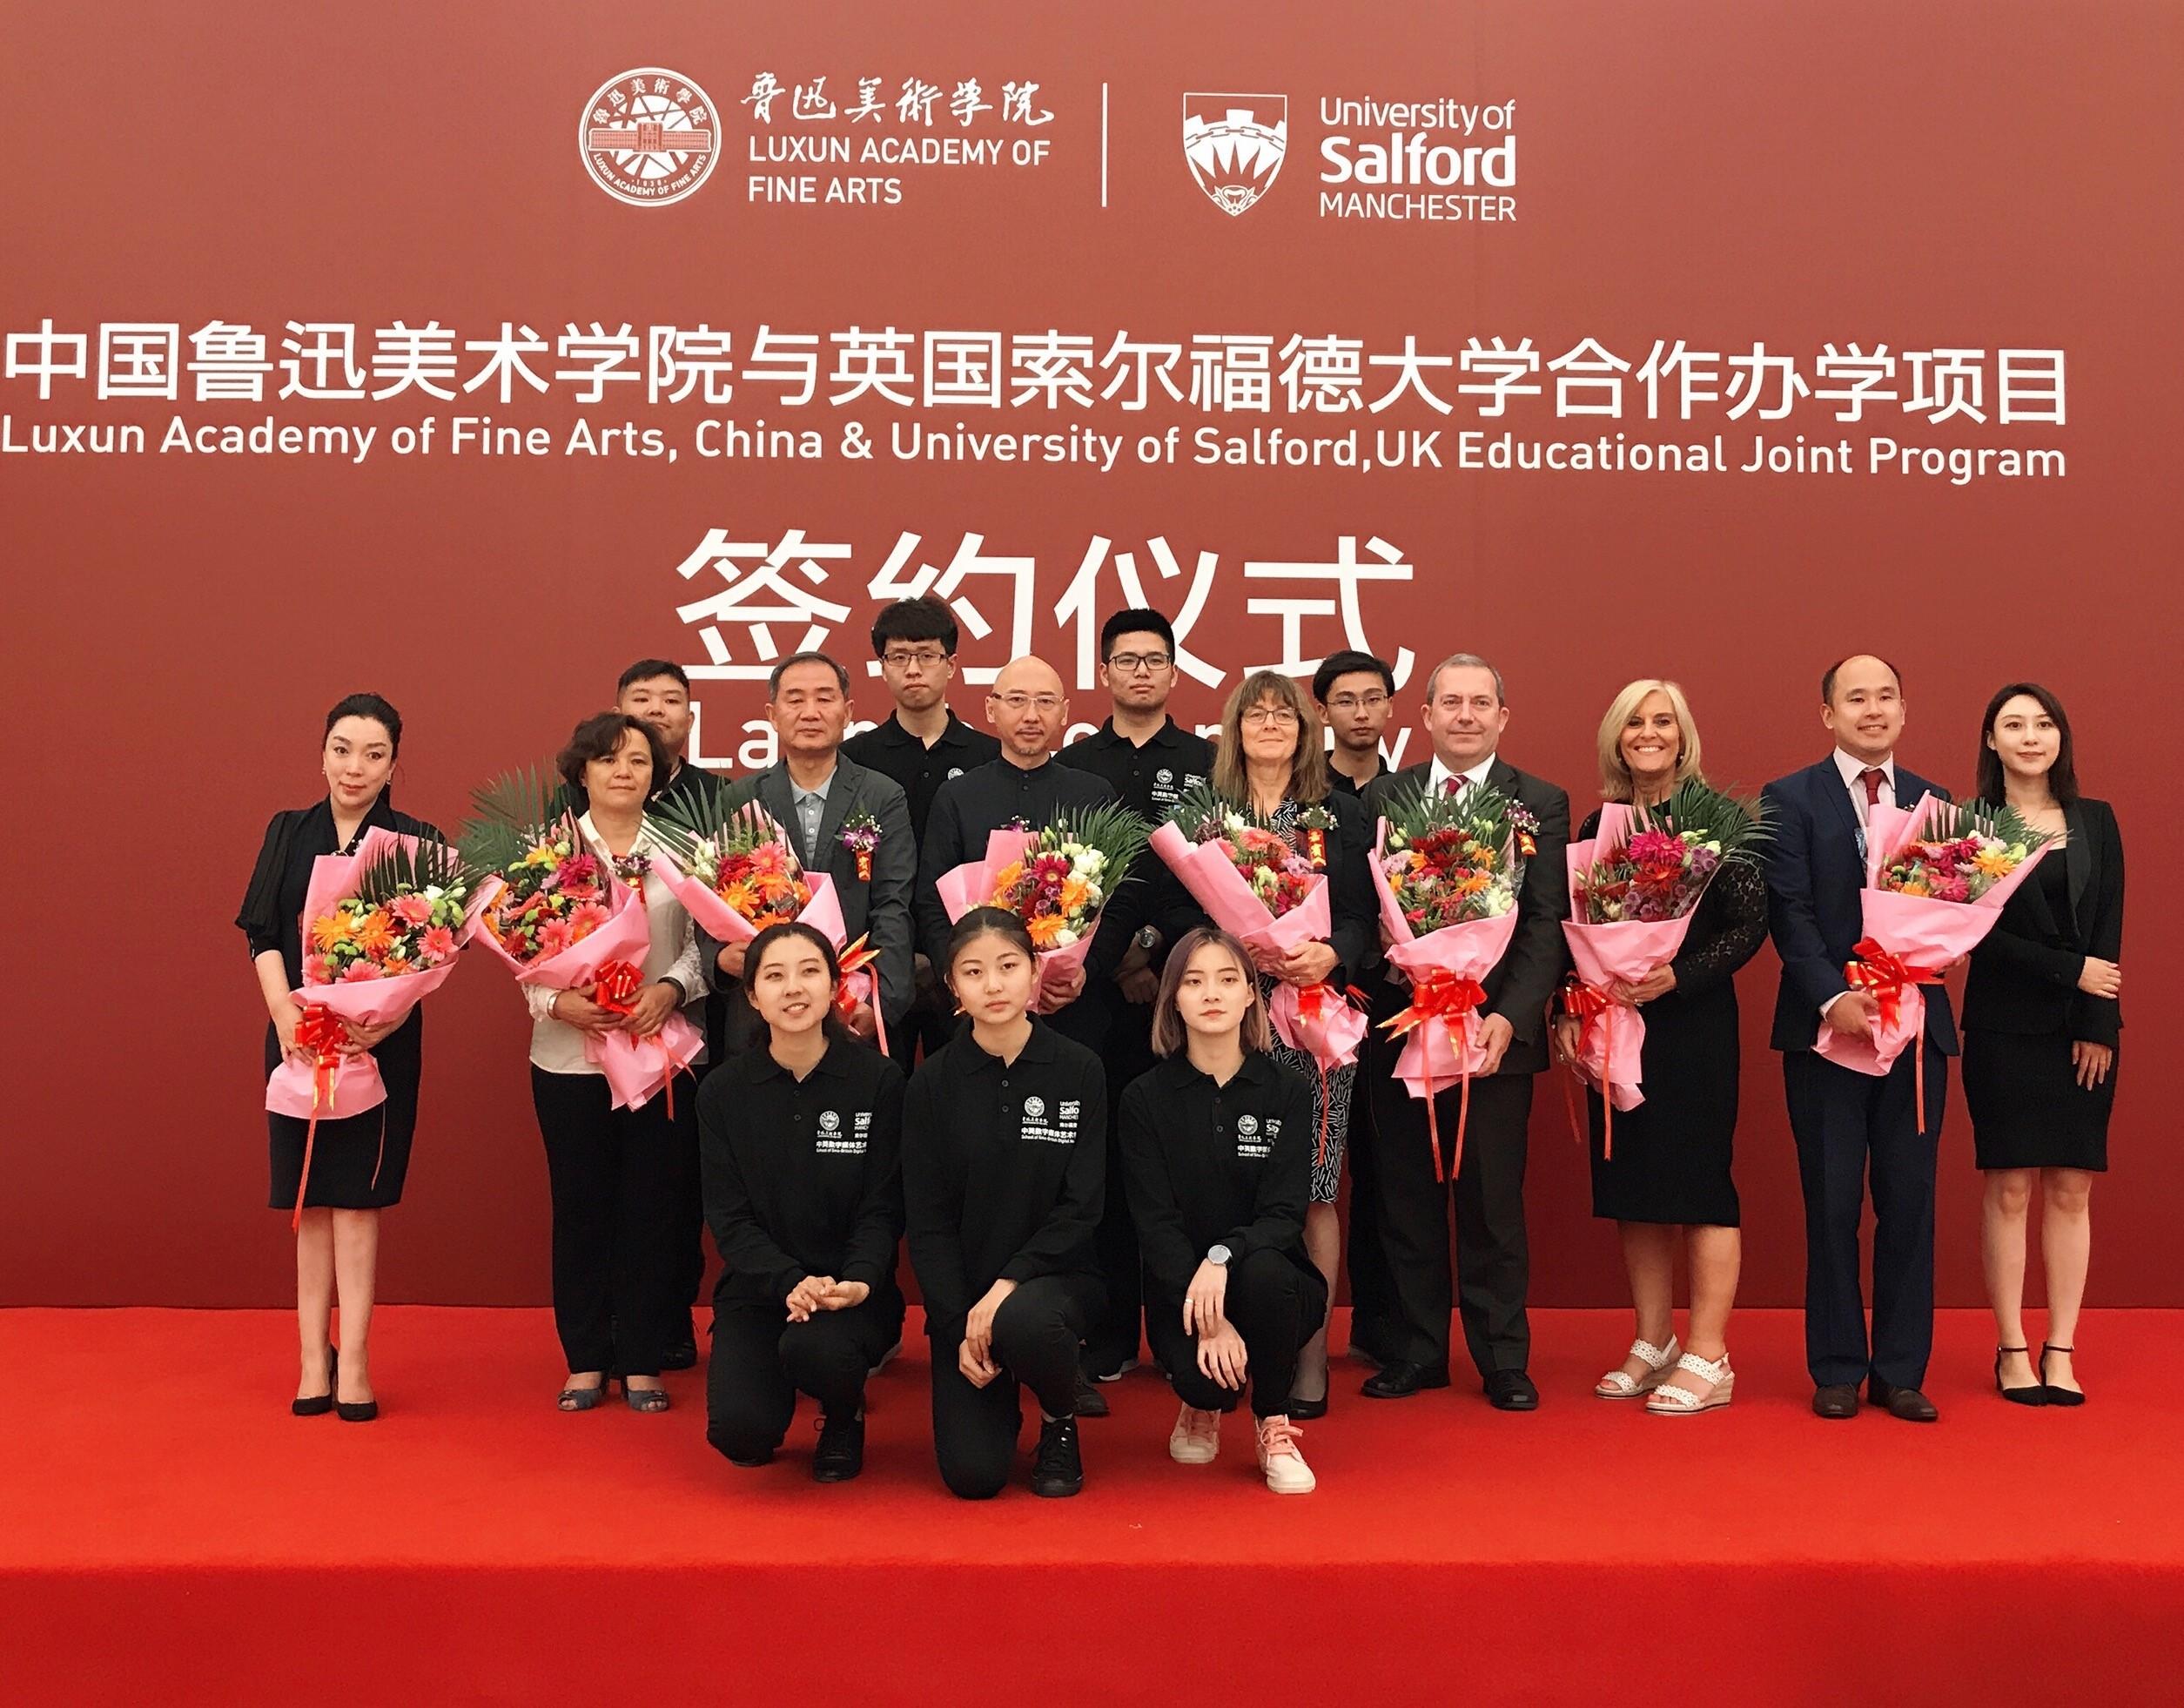 """""""中国鲁迅美术学院与英国曼彻斯特索尔福德大学 合作办学项目签约仪式""""隆重举行"""